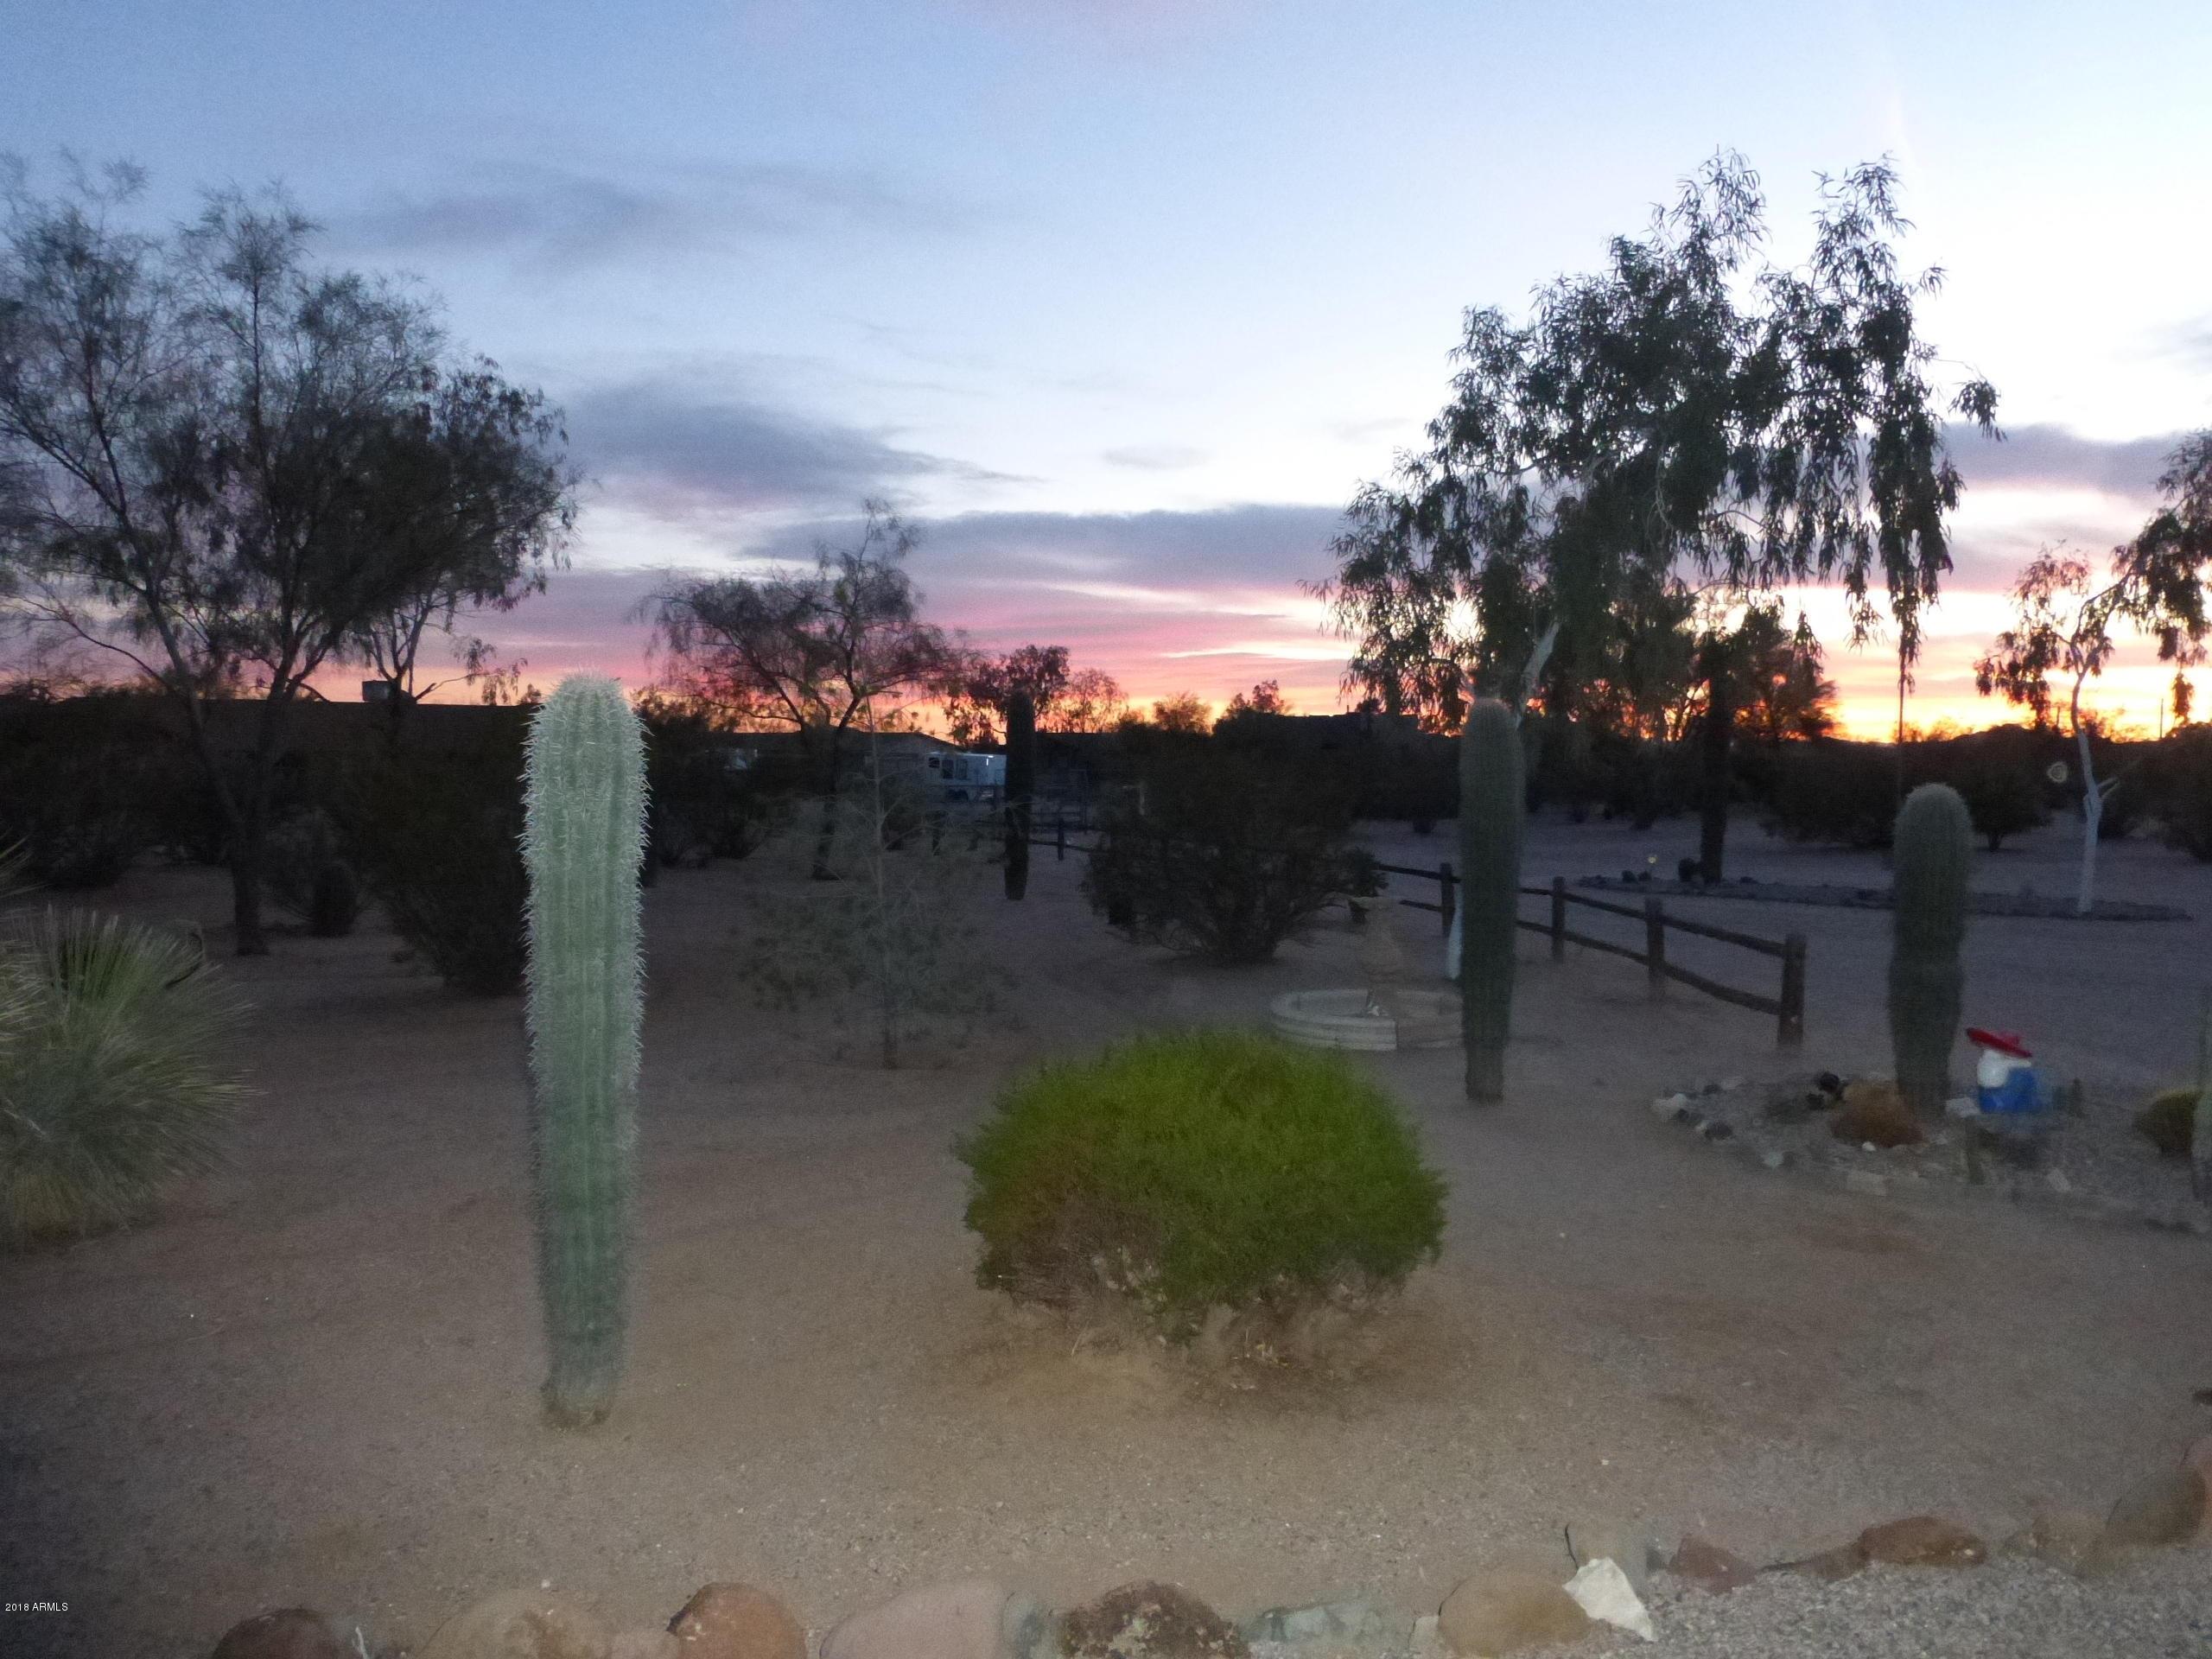 MLS 5845931 4224 E pinnaclevista Drive, Cave Creek, AZ 85331 Cave Creek AZ Three Bedroom